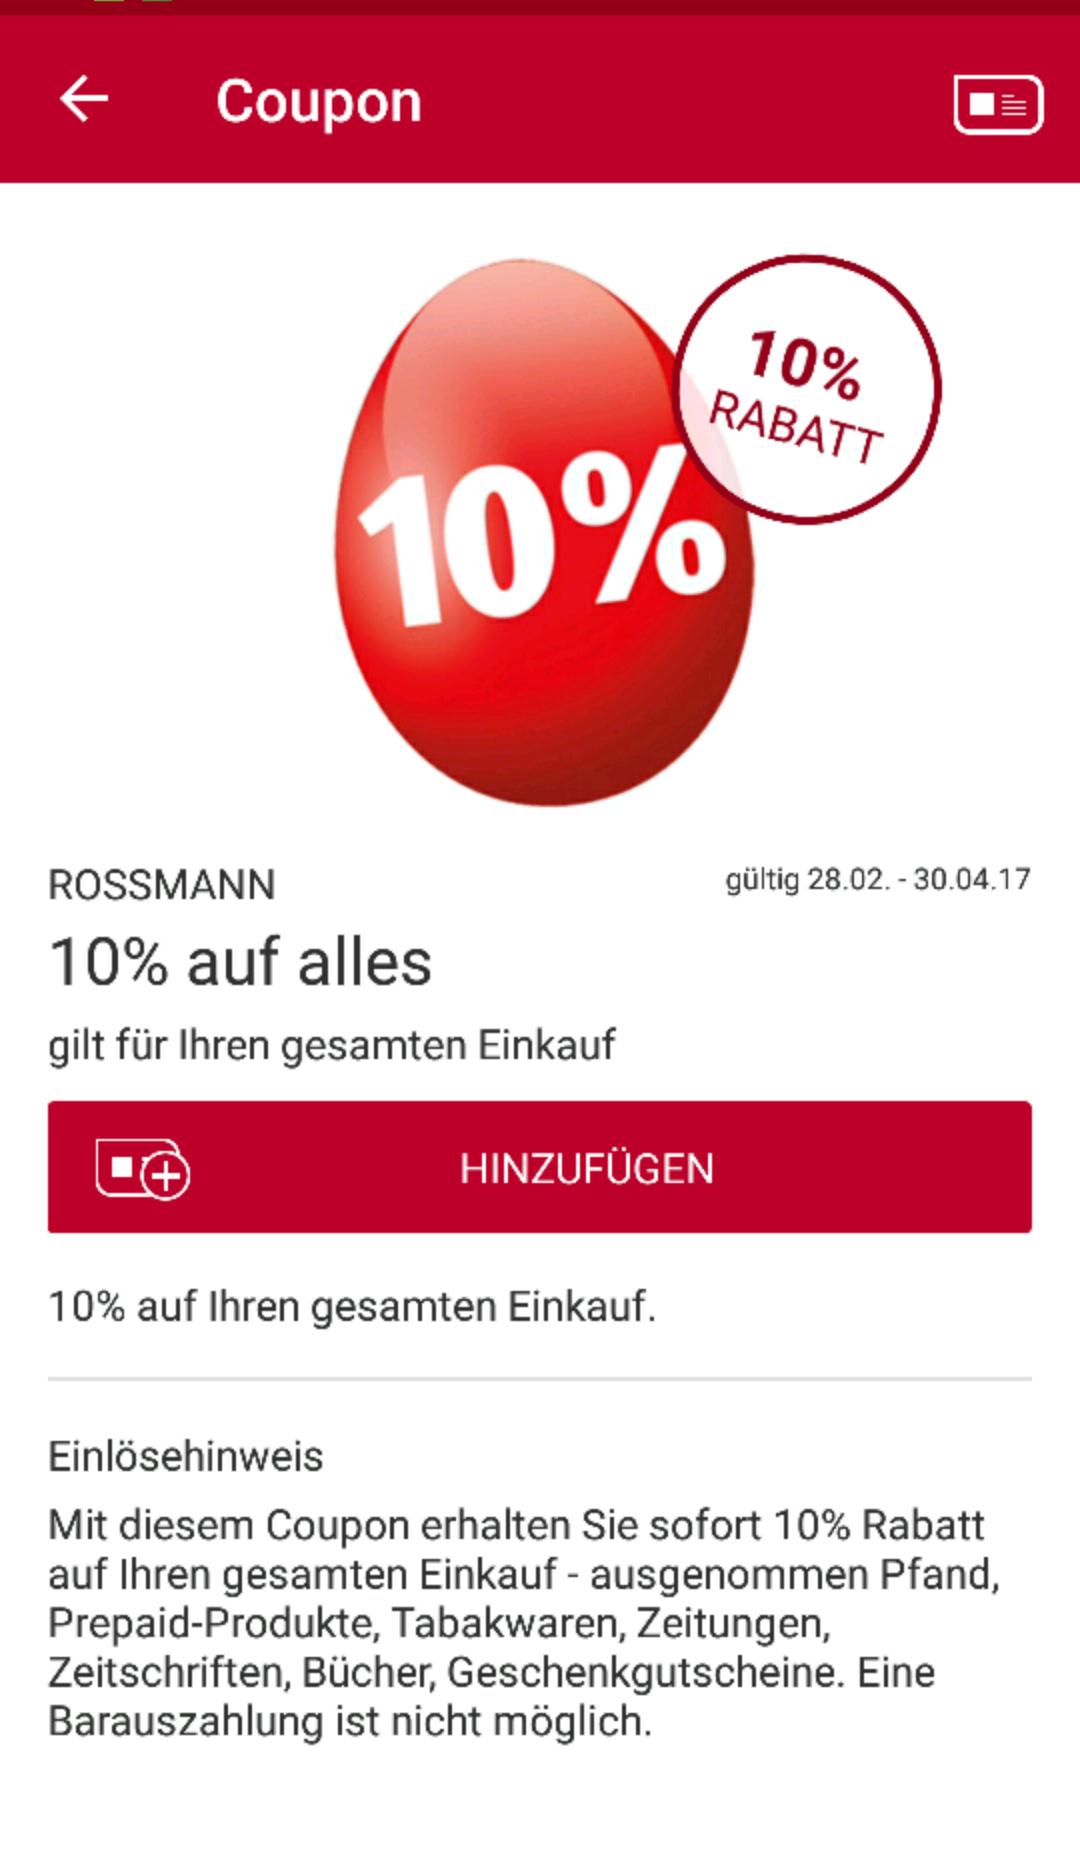 Rossmann 10% für alles